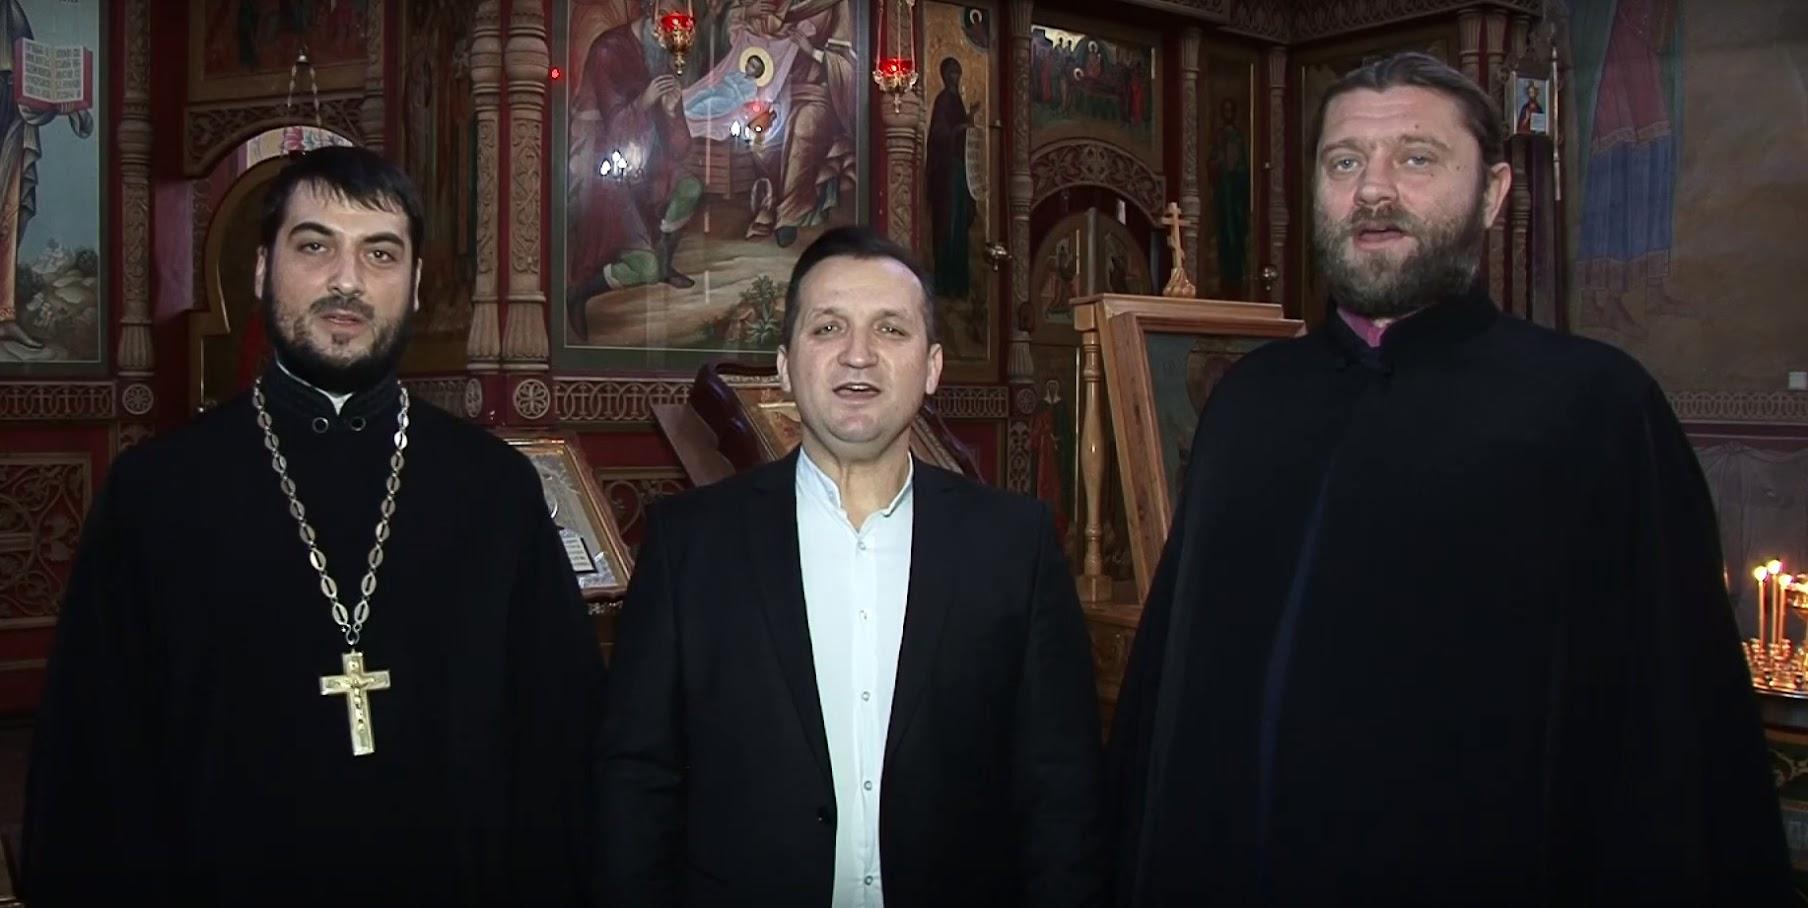 (ВИДЕО) В сети появился видеоролик колядки «Kolada»